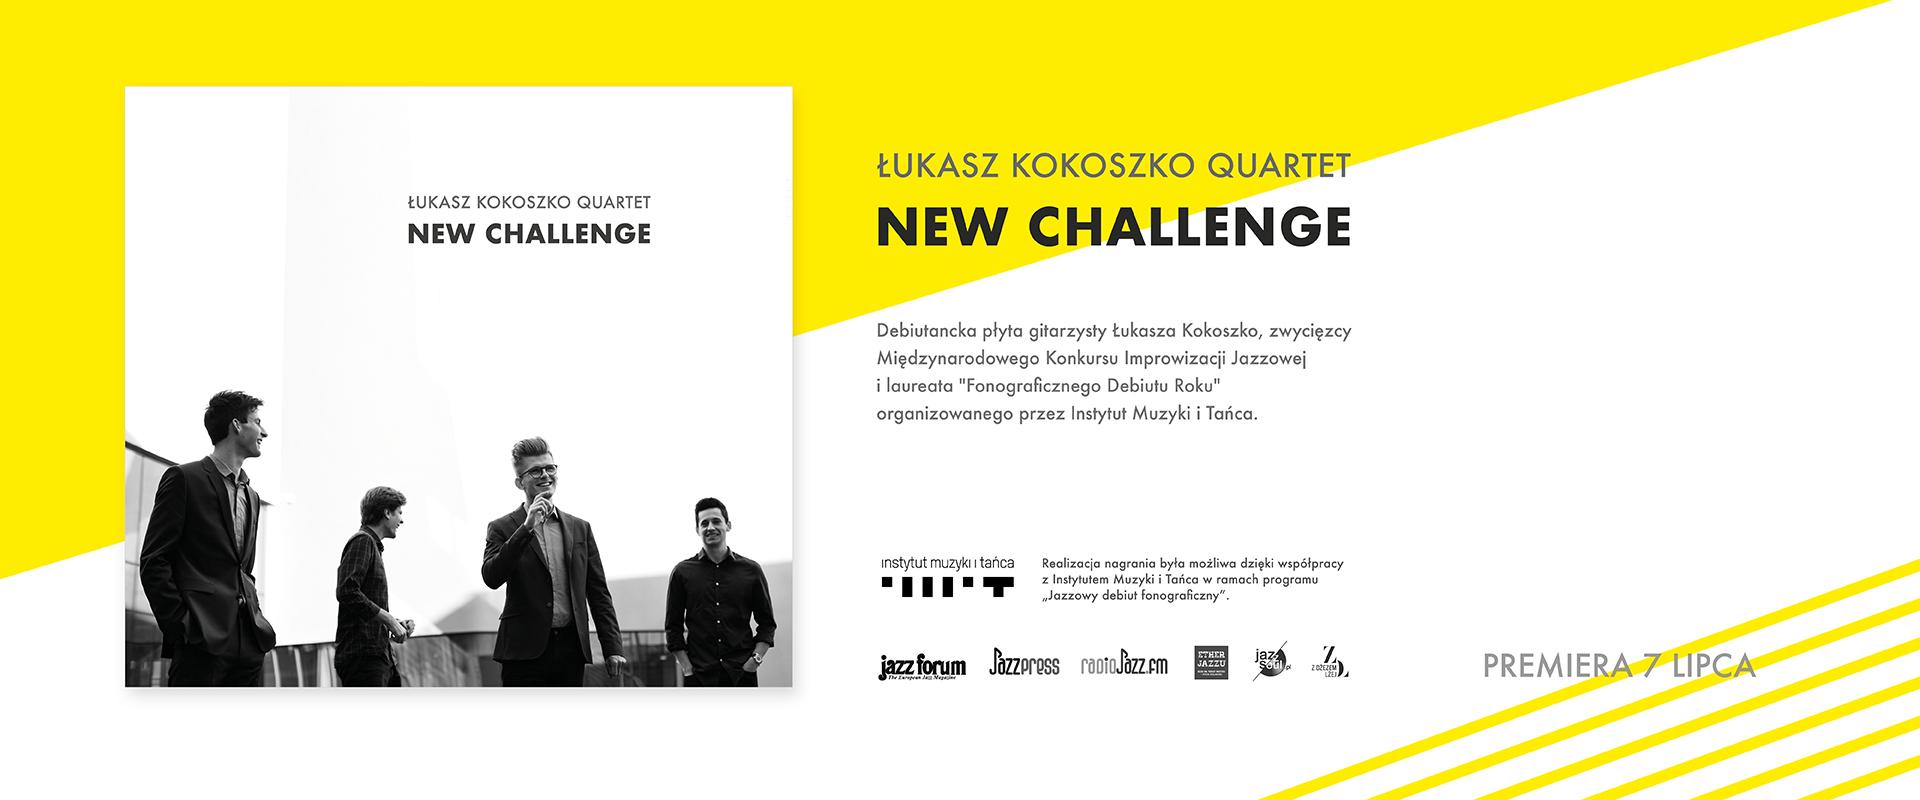 Łukasz Kokoszko Quartet - New Challenge